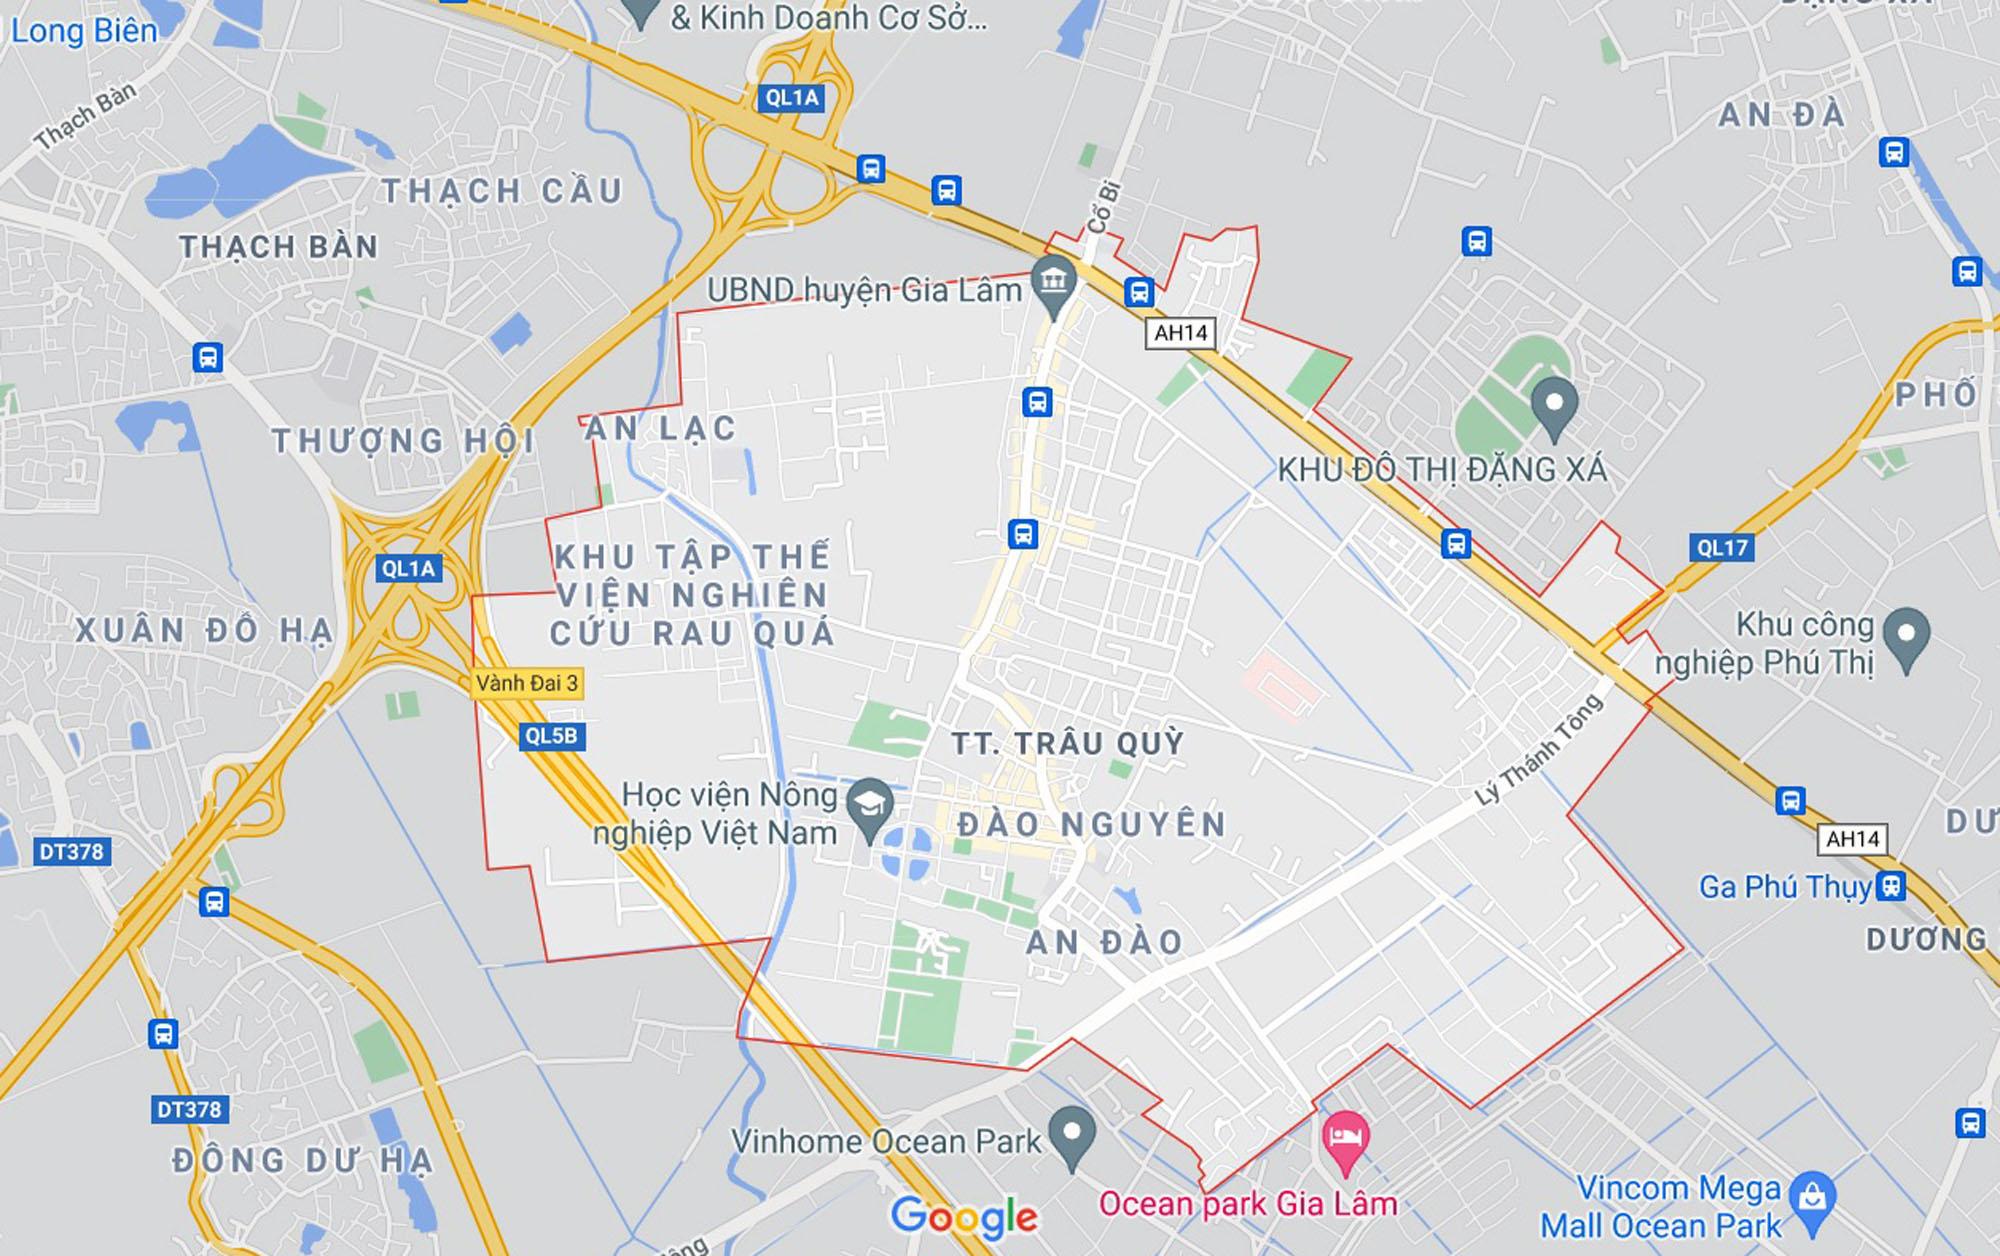 Đường sẽ mở theo quy hoạch ở thị trấn Trâu Quỳ, Gia Lâm, Hà Nội (phần 3) - Ảnh 1.